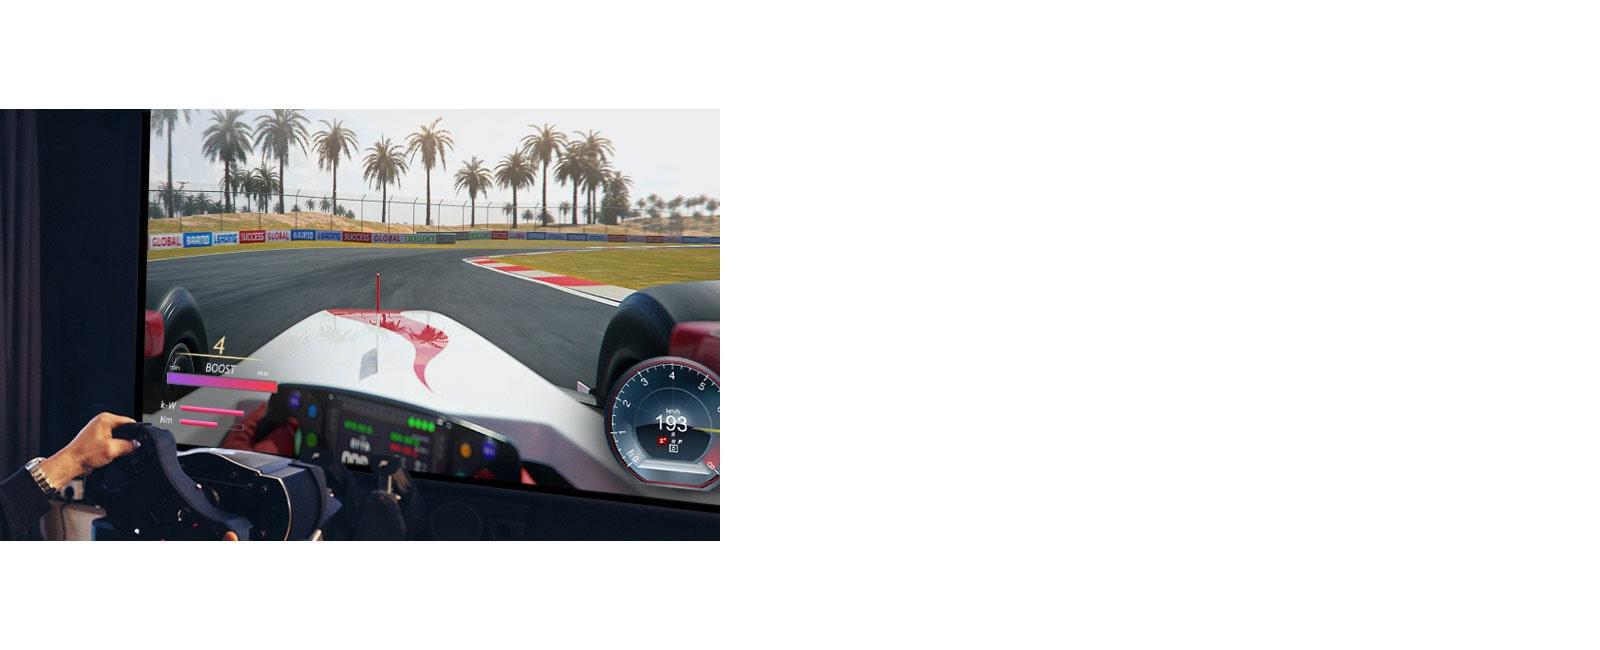 صورة مقربة للاعب يحمل عجلة سباق في إحدى ألعاب السباقات على شاشة التلفزيون.